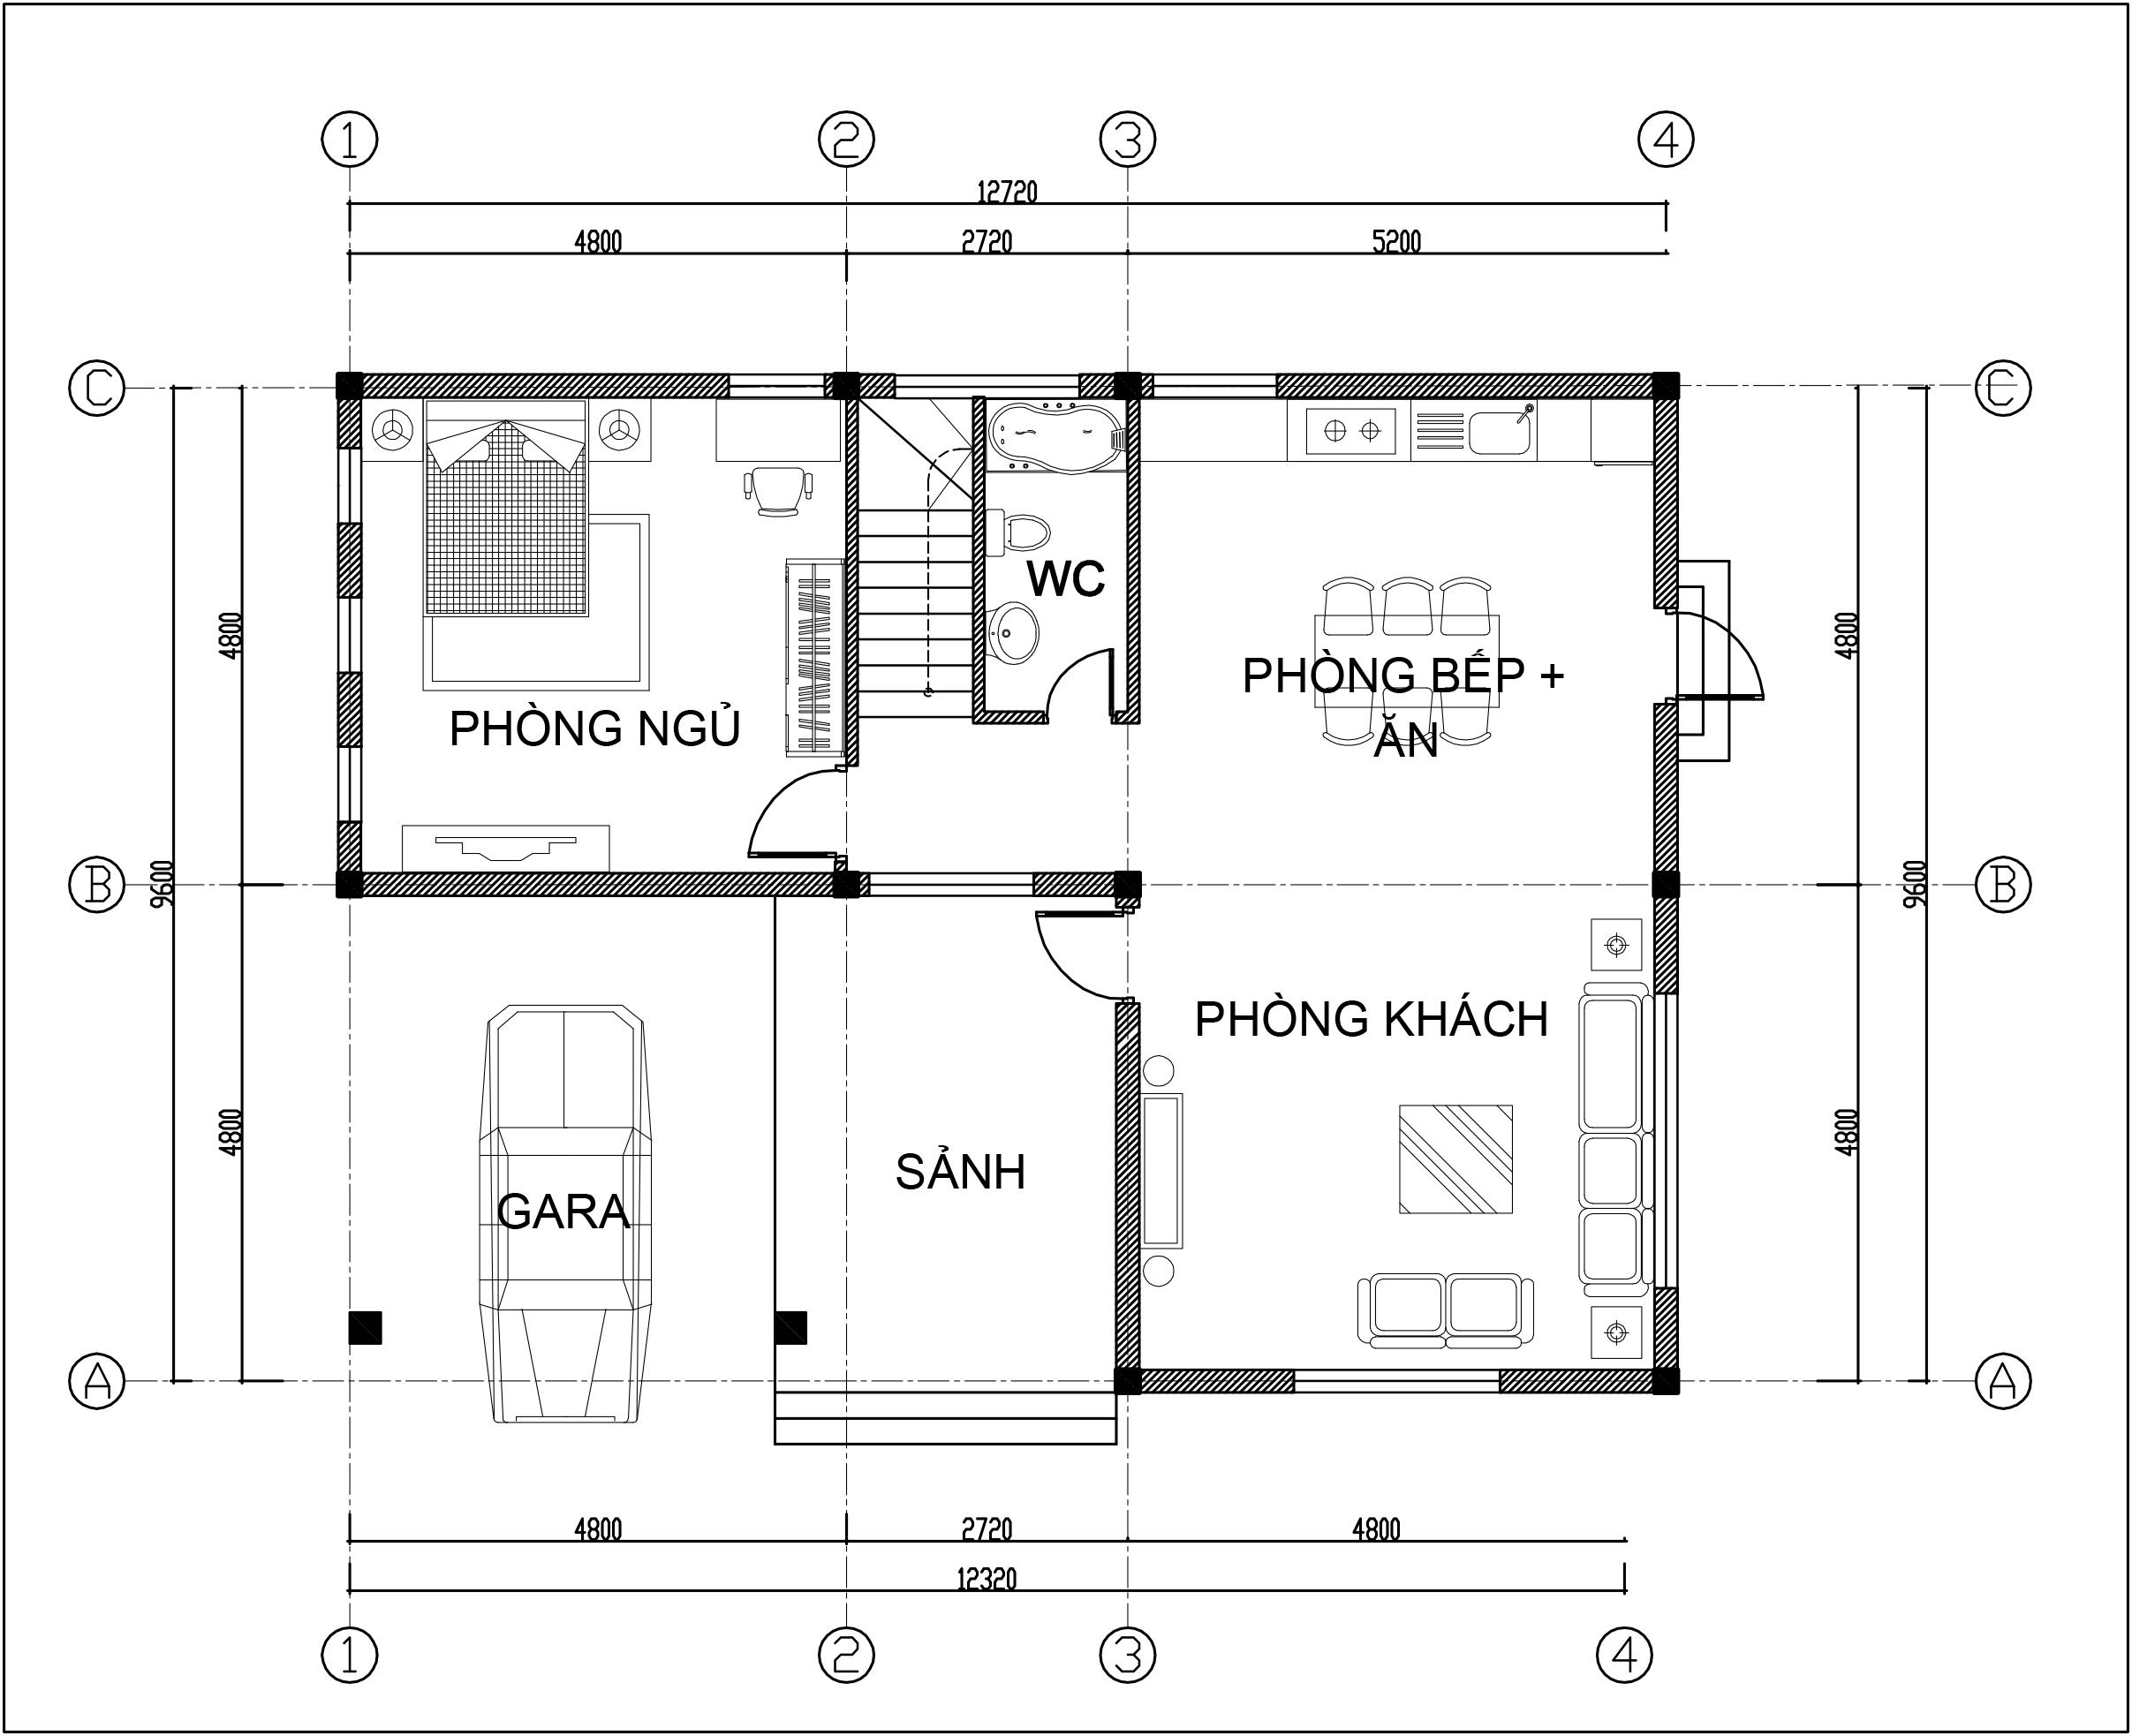 Mặt bằng tầng 1 - Biệt thự tân cổ điển 2 tầng 12,7x9,6m đẹp sang trọng